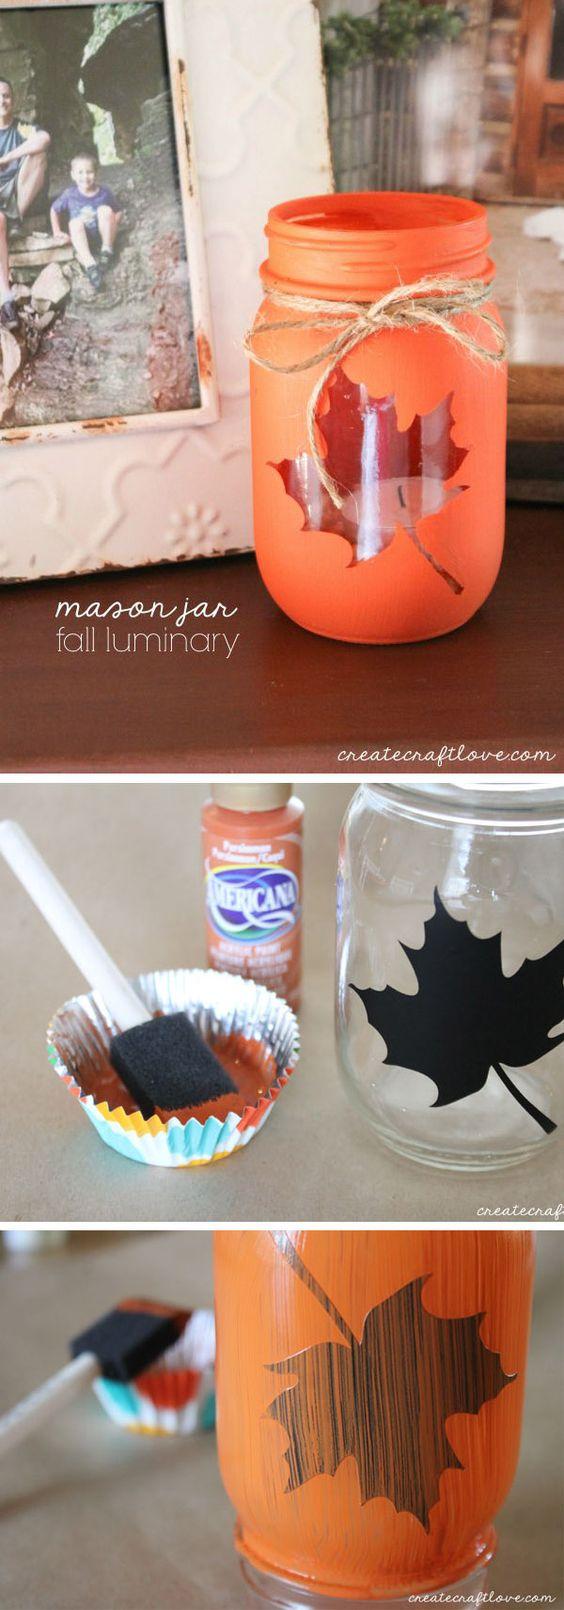 DIY mason jars wedding decoration ideas for fall